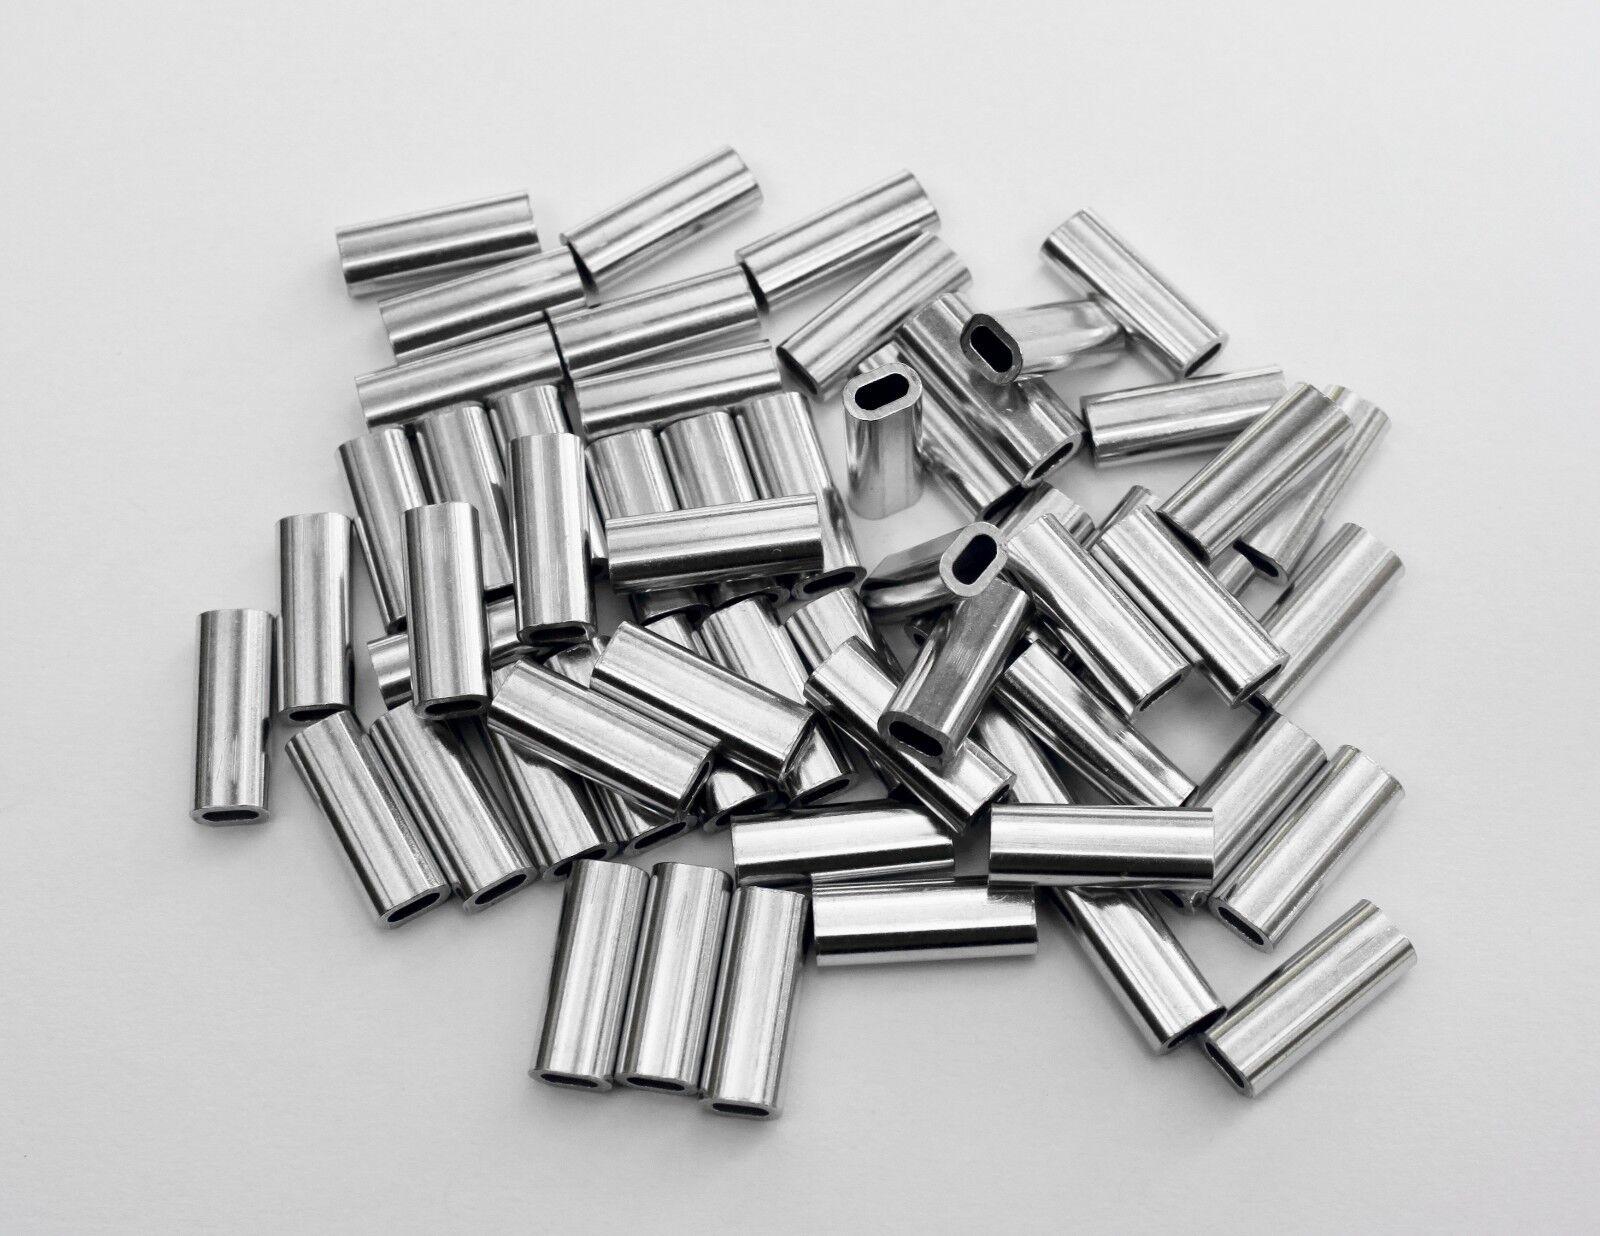 COT Aluminum Oval Sleeve mm Crimps 2.3 mm Sleeve 400-450 lb - 1000pk e80e1e